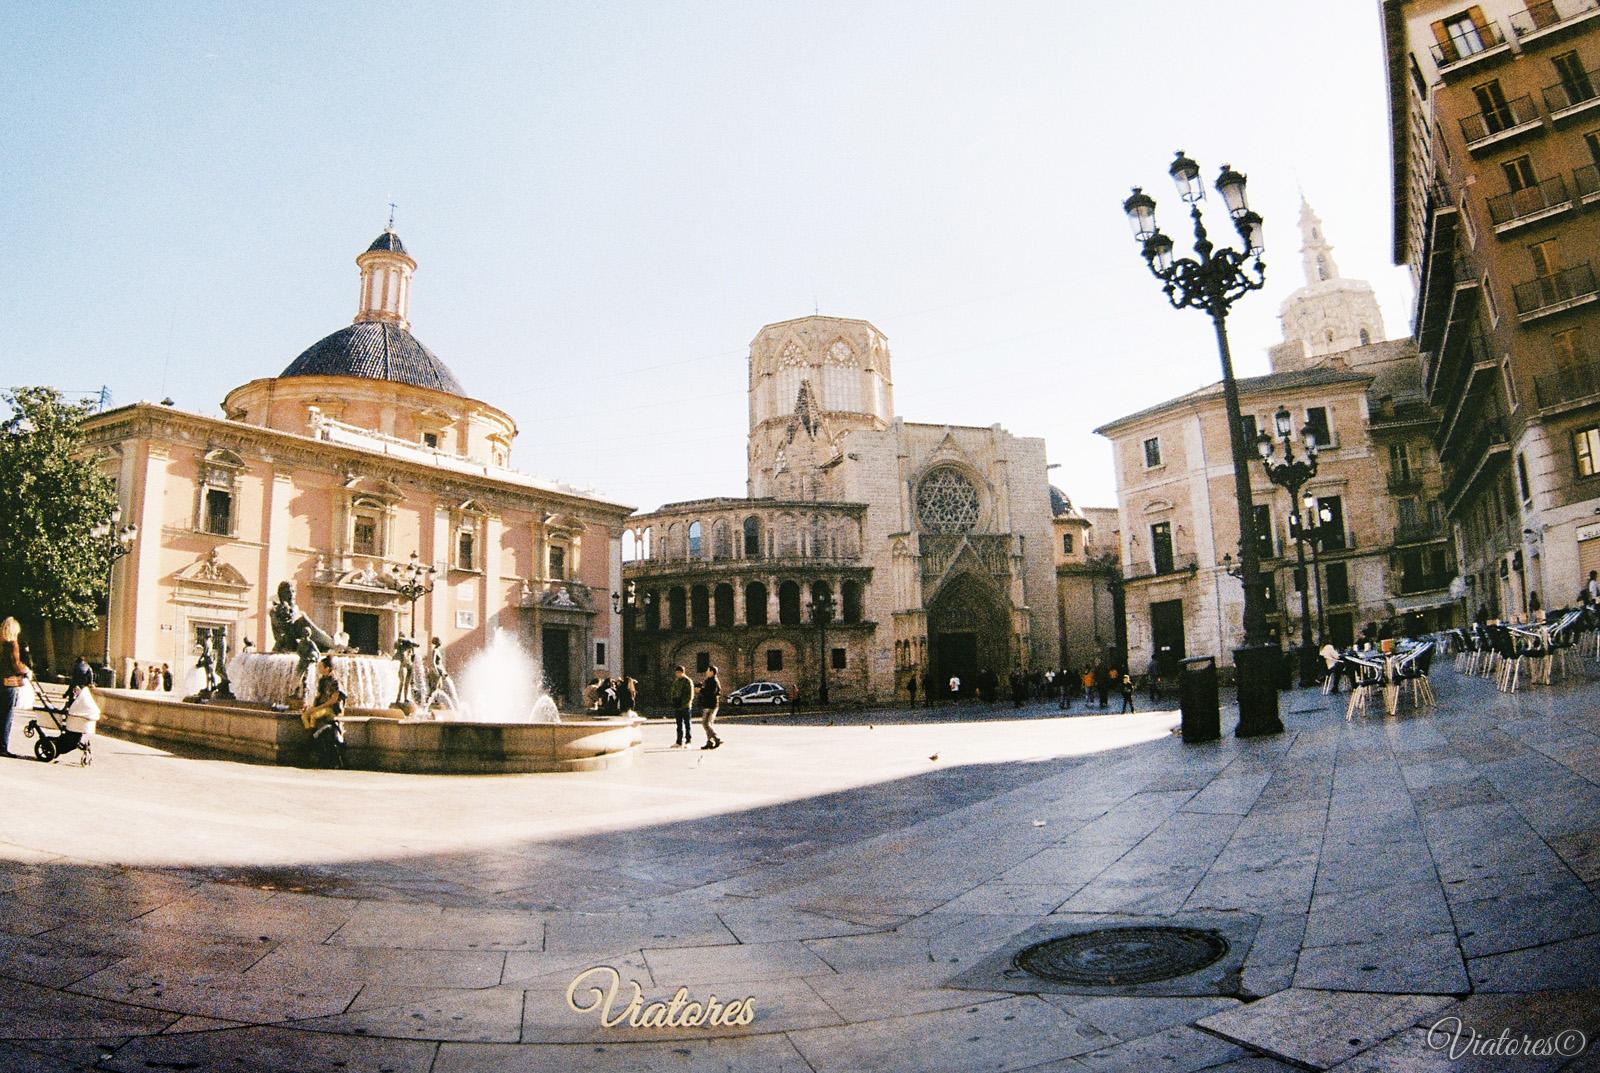 Plaza de la Virgen. Valencia. Spain